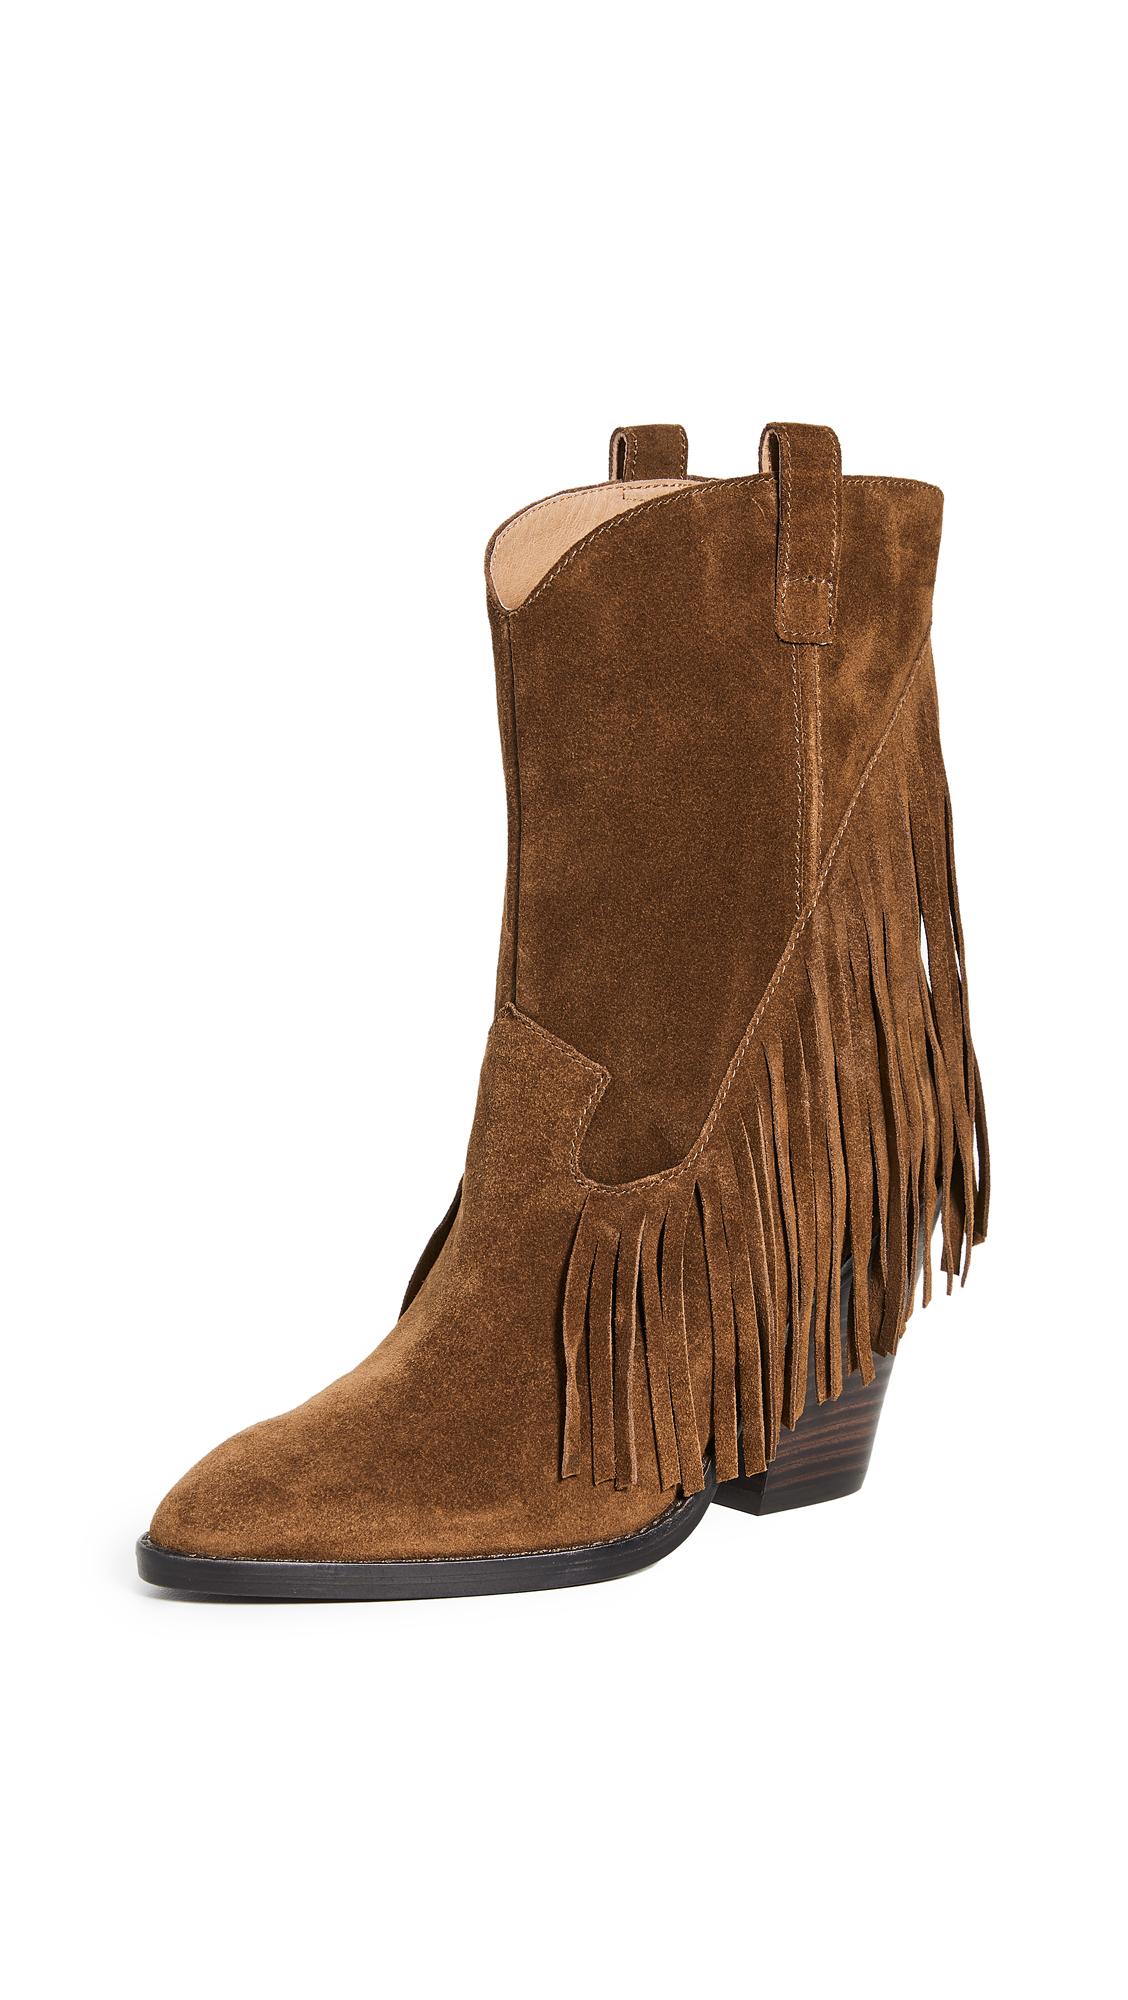 Buy Ash Elison Bis Boots online, shop Ash